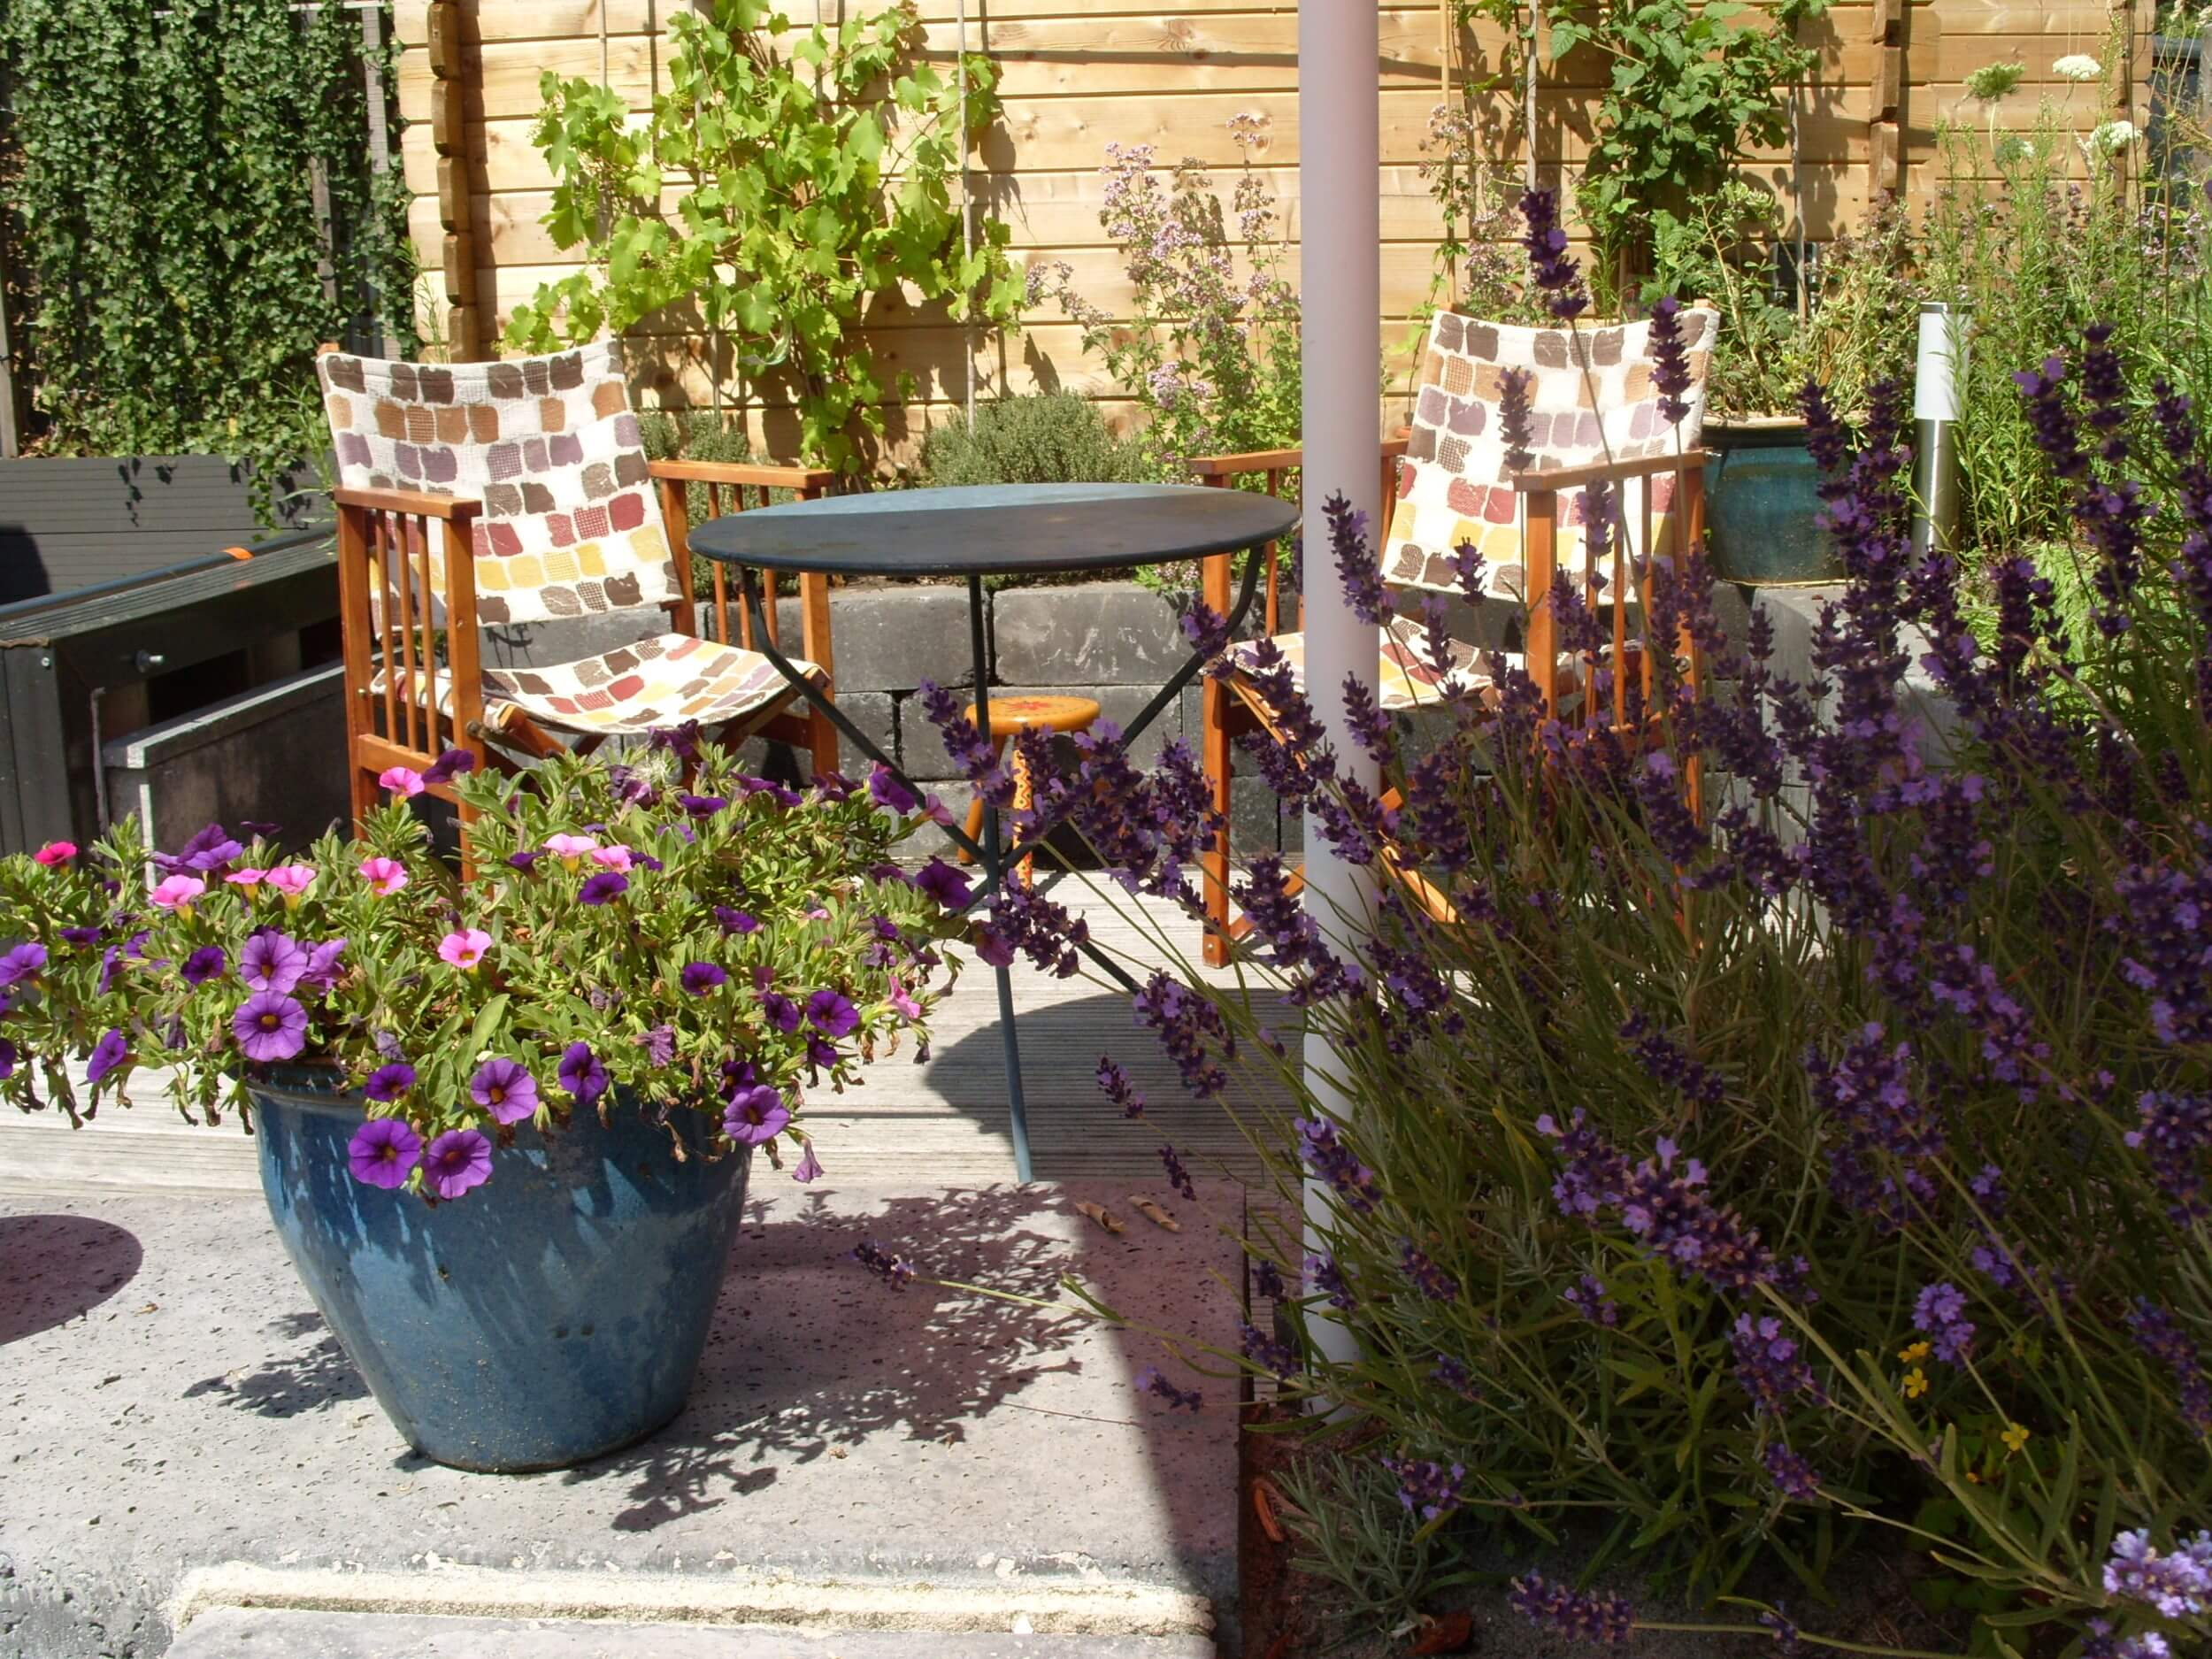 Ontbijt in de tuin - Houseboat Harmony - Bed & Breakfast Utrecht (3)